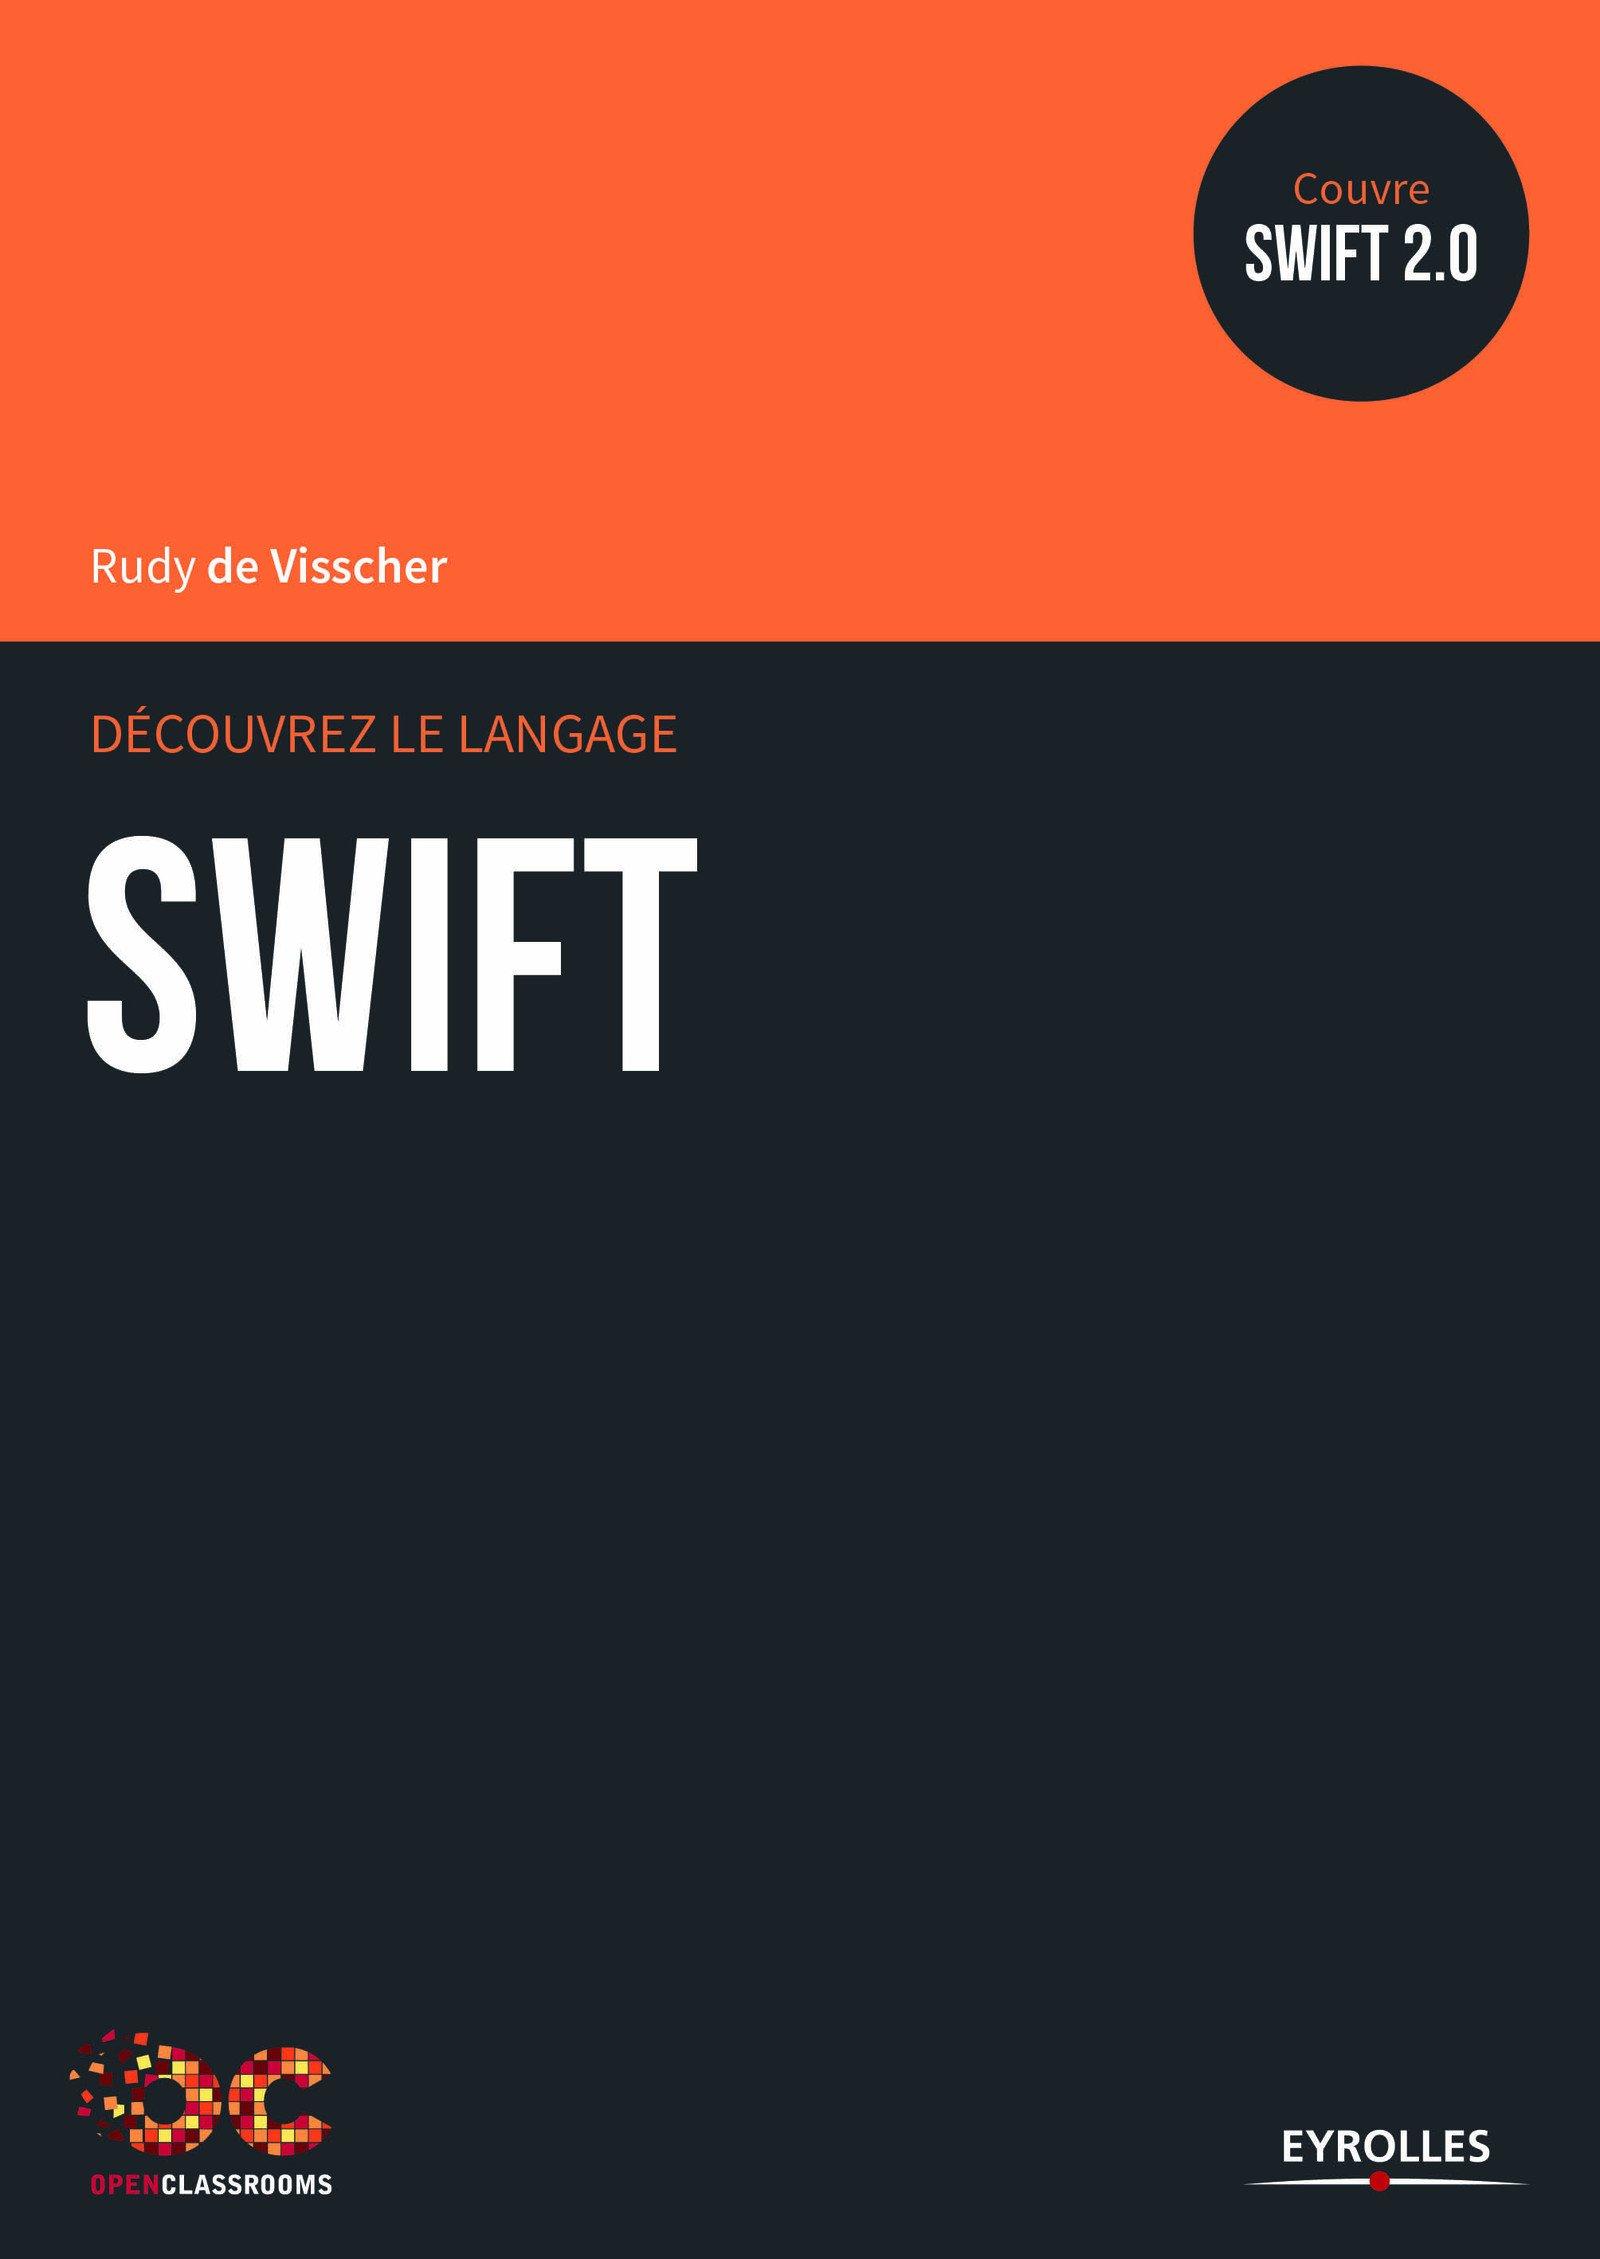 télécharger DÉCOUVREZ LE LANGAGE SWIFT : COUVRE SWIFT 2